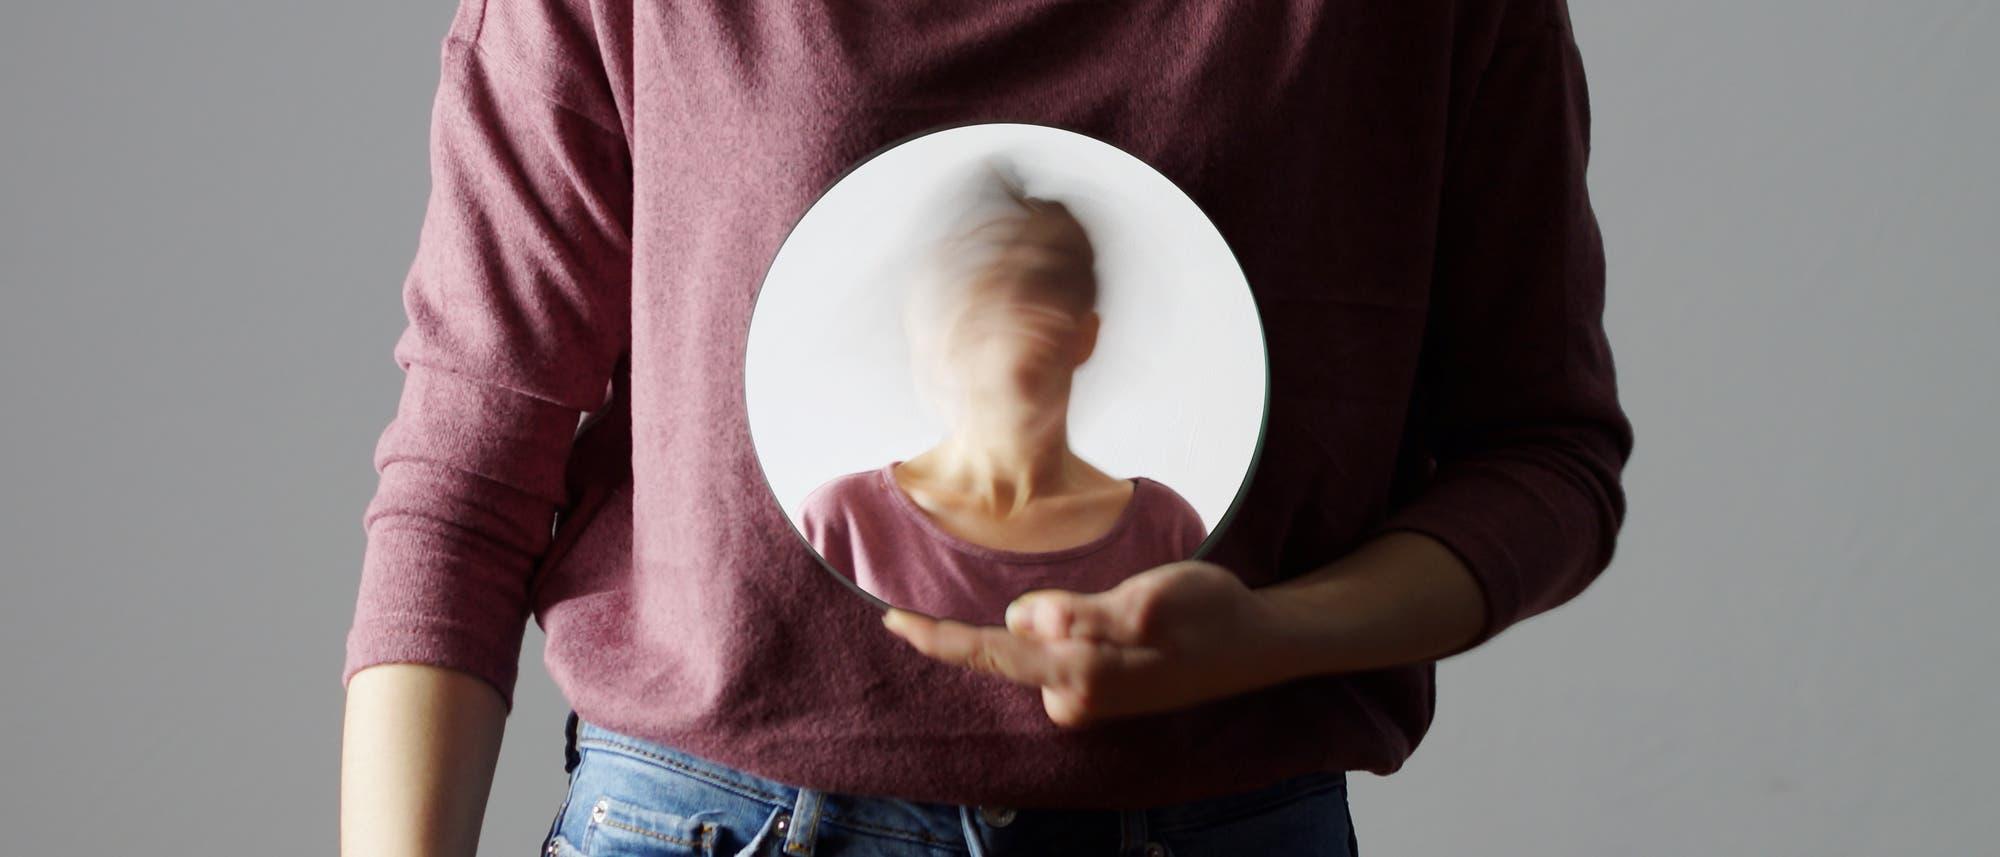 Frau hält einen Spiegel mit ihrem eigenen verwaschenen Abbild